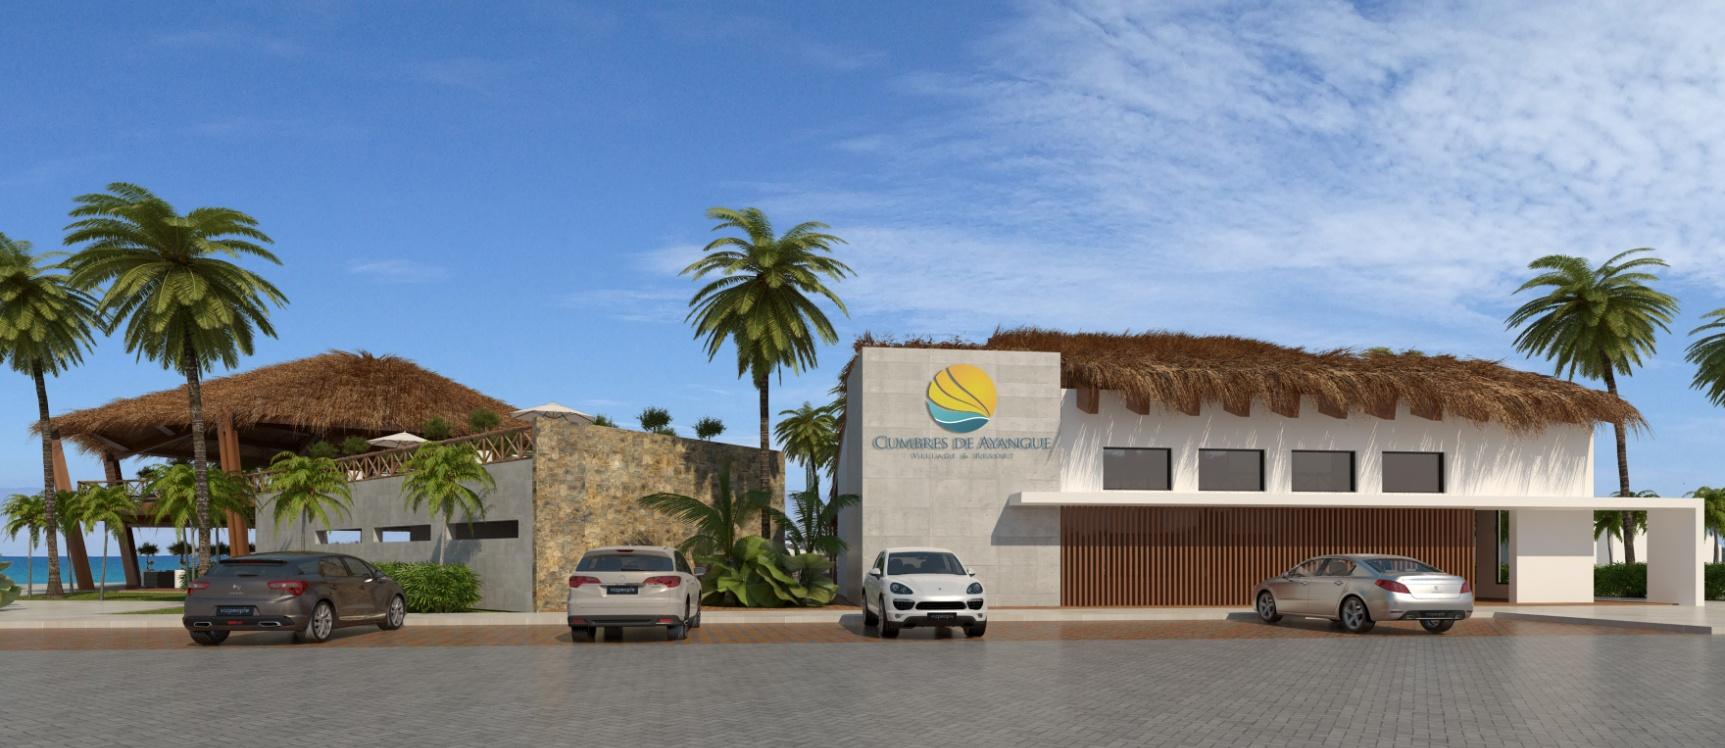 GeoBienes - Urbanización Cumbres de Ayangue en la playa de Ayangue Ecuador - Plusvalia Guayaquil Casas de venta y alquiler Inmobiliaria Ecuador